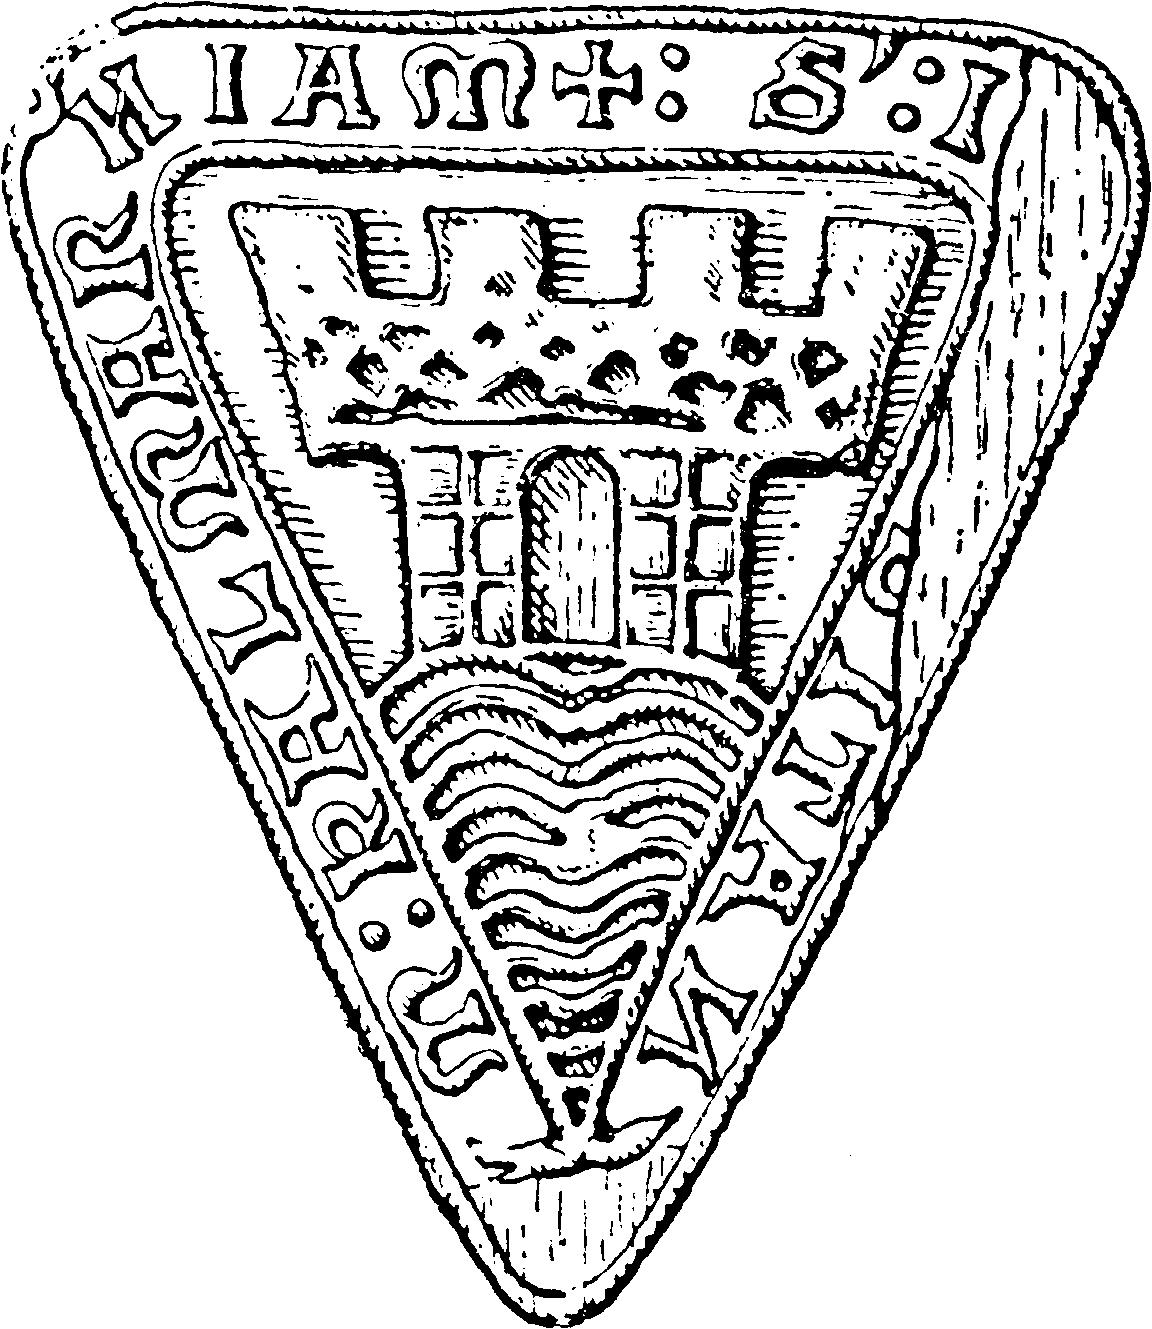 File:Kalmar stads sigill på 1200-talet (naturlig storlek, ur Nordisk familjebok).png